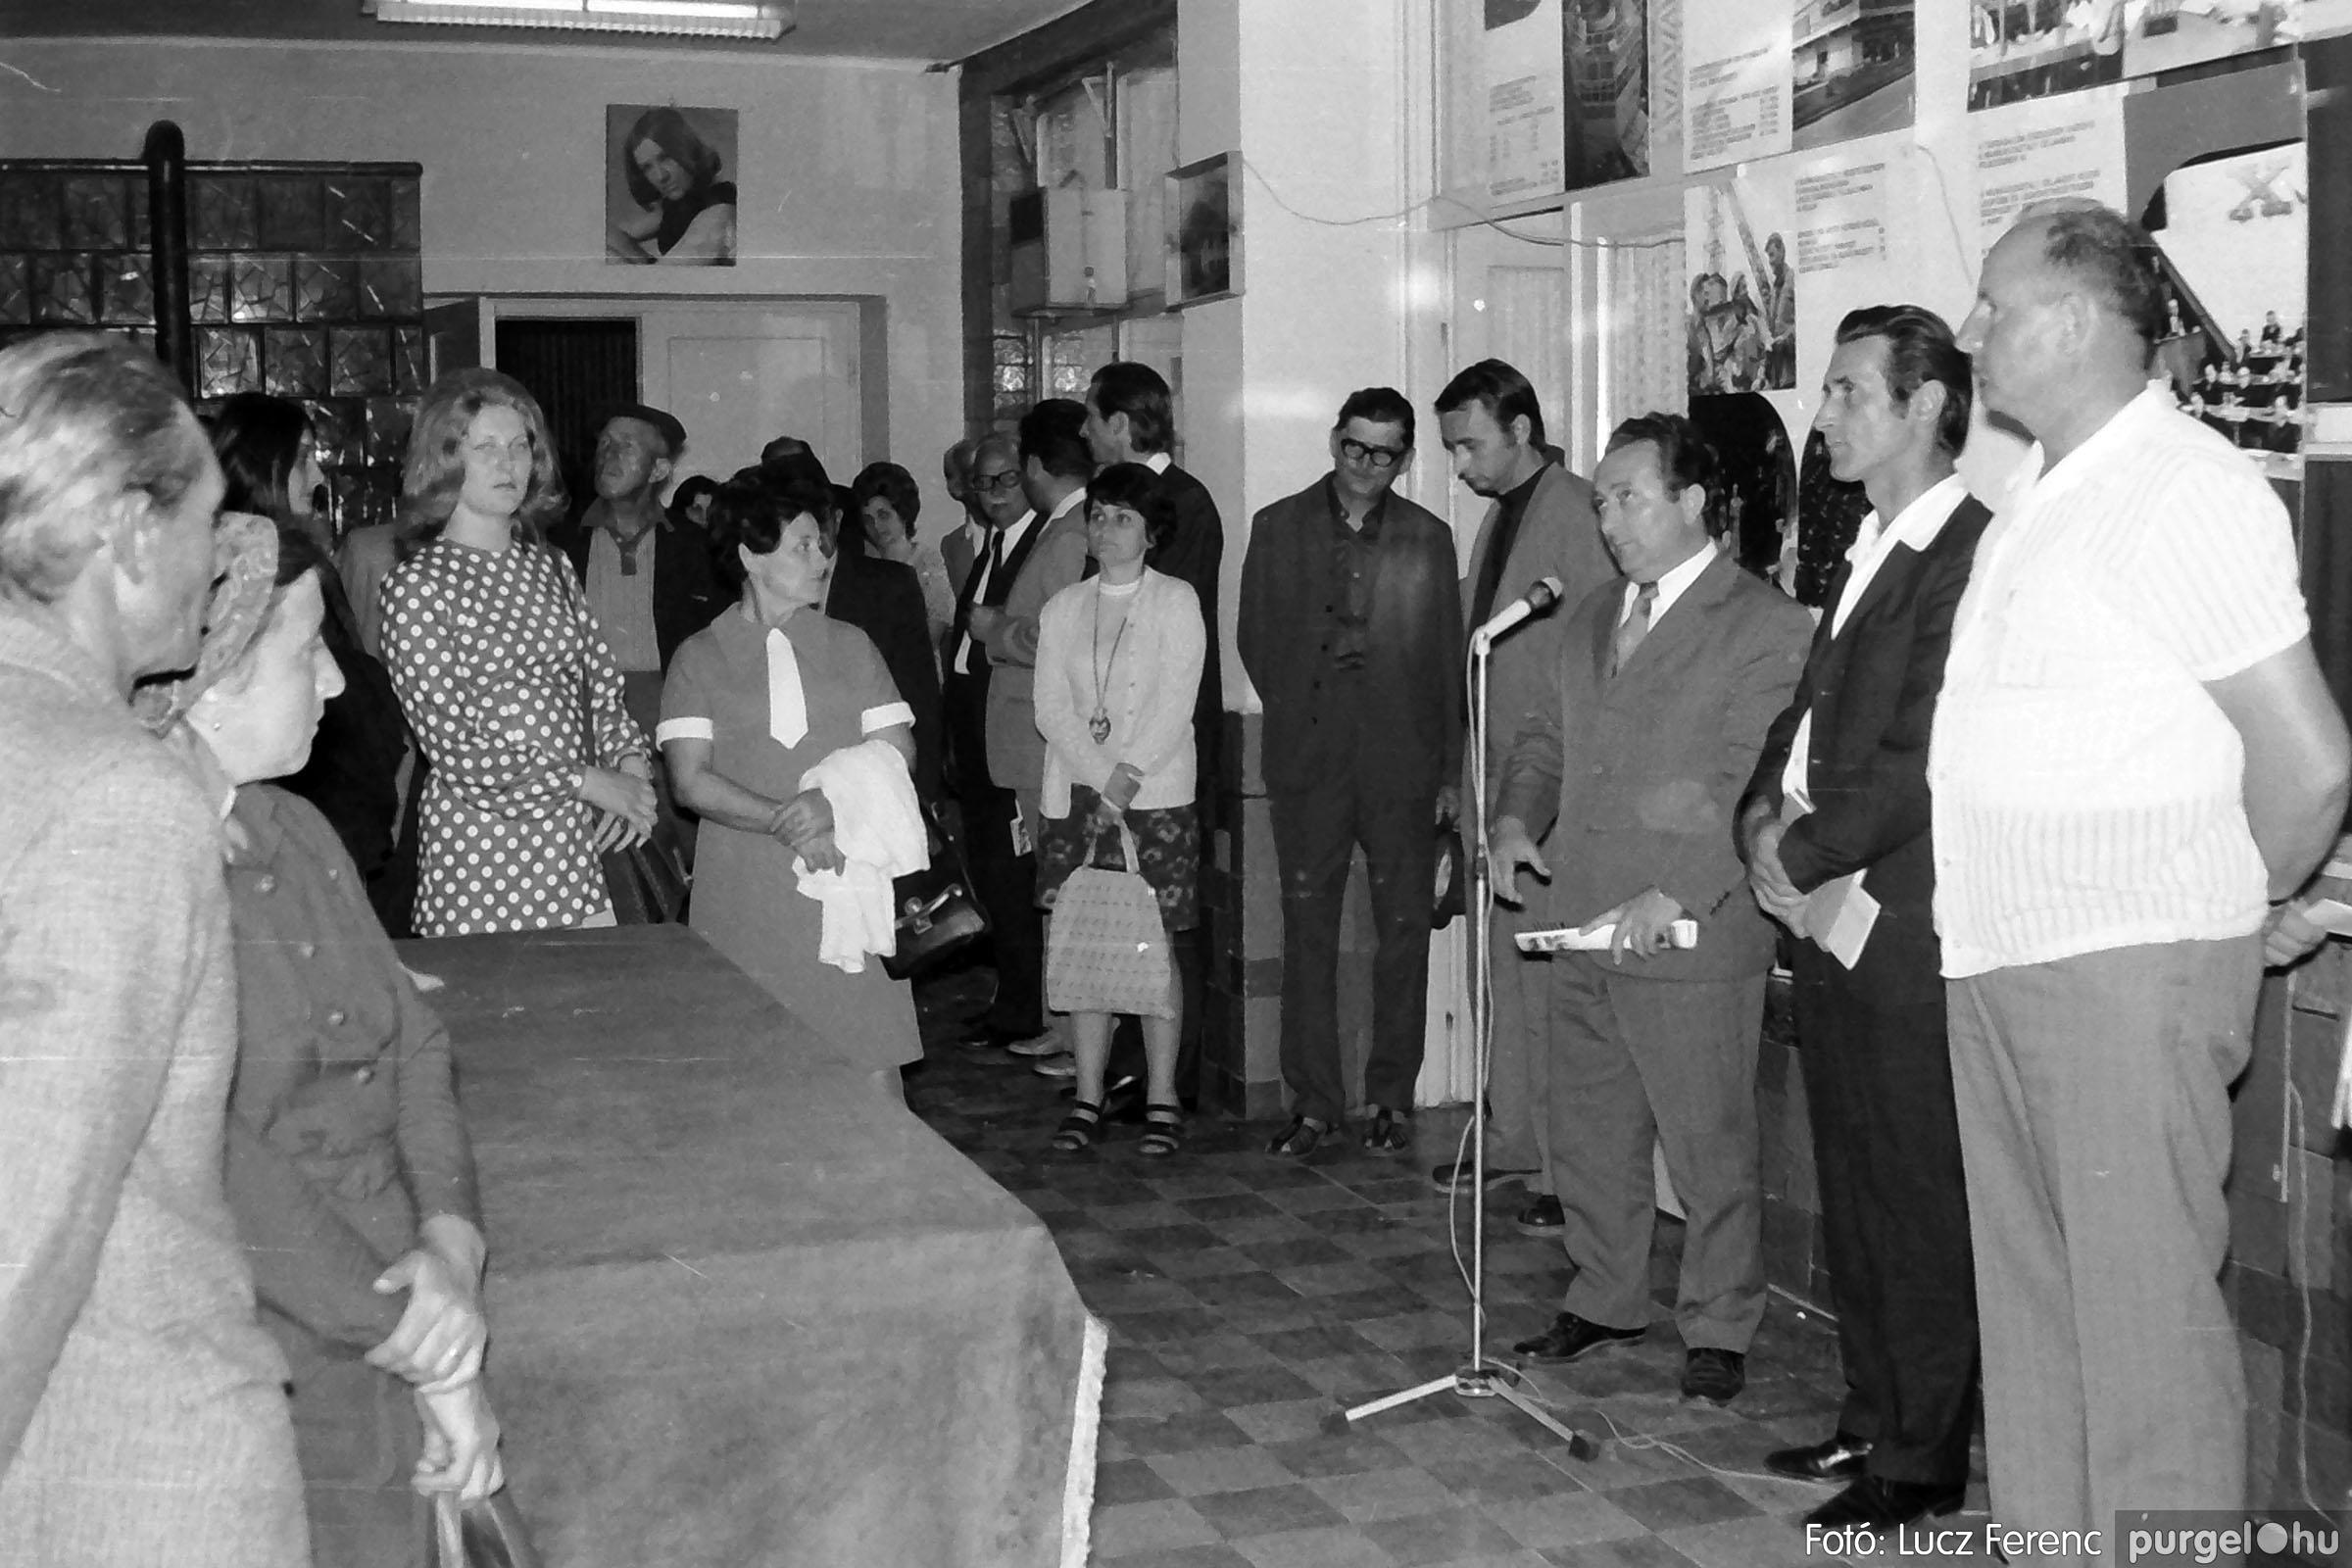 016 1975. Csatlakozó gyűlés a kultúrházban 003 - Fotó: Lucz Ferenc IMG00176.JPG